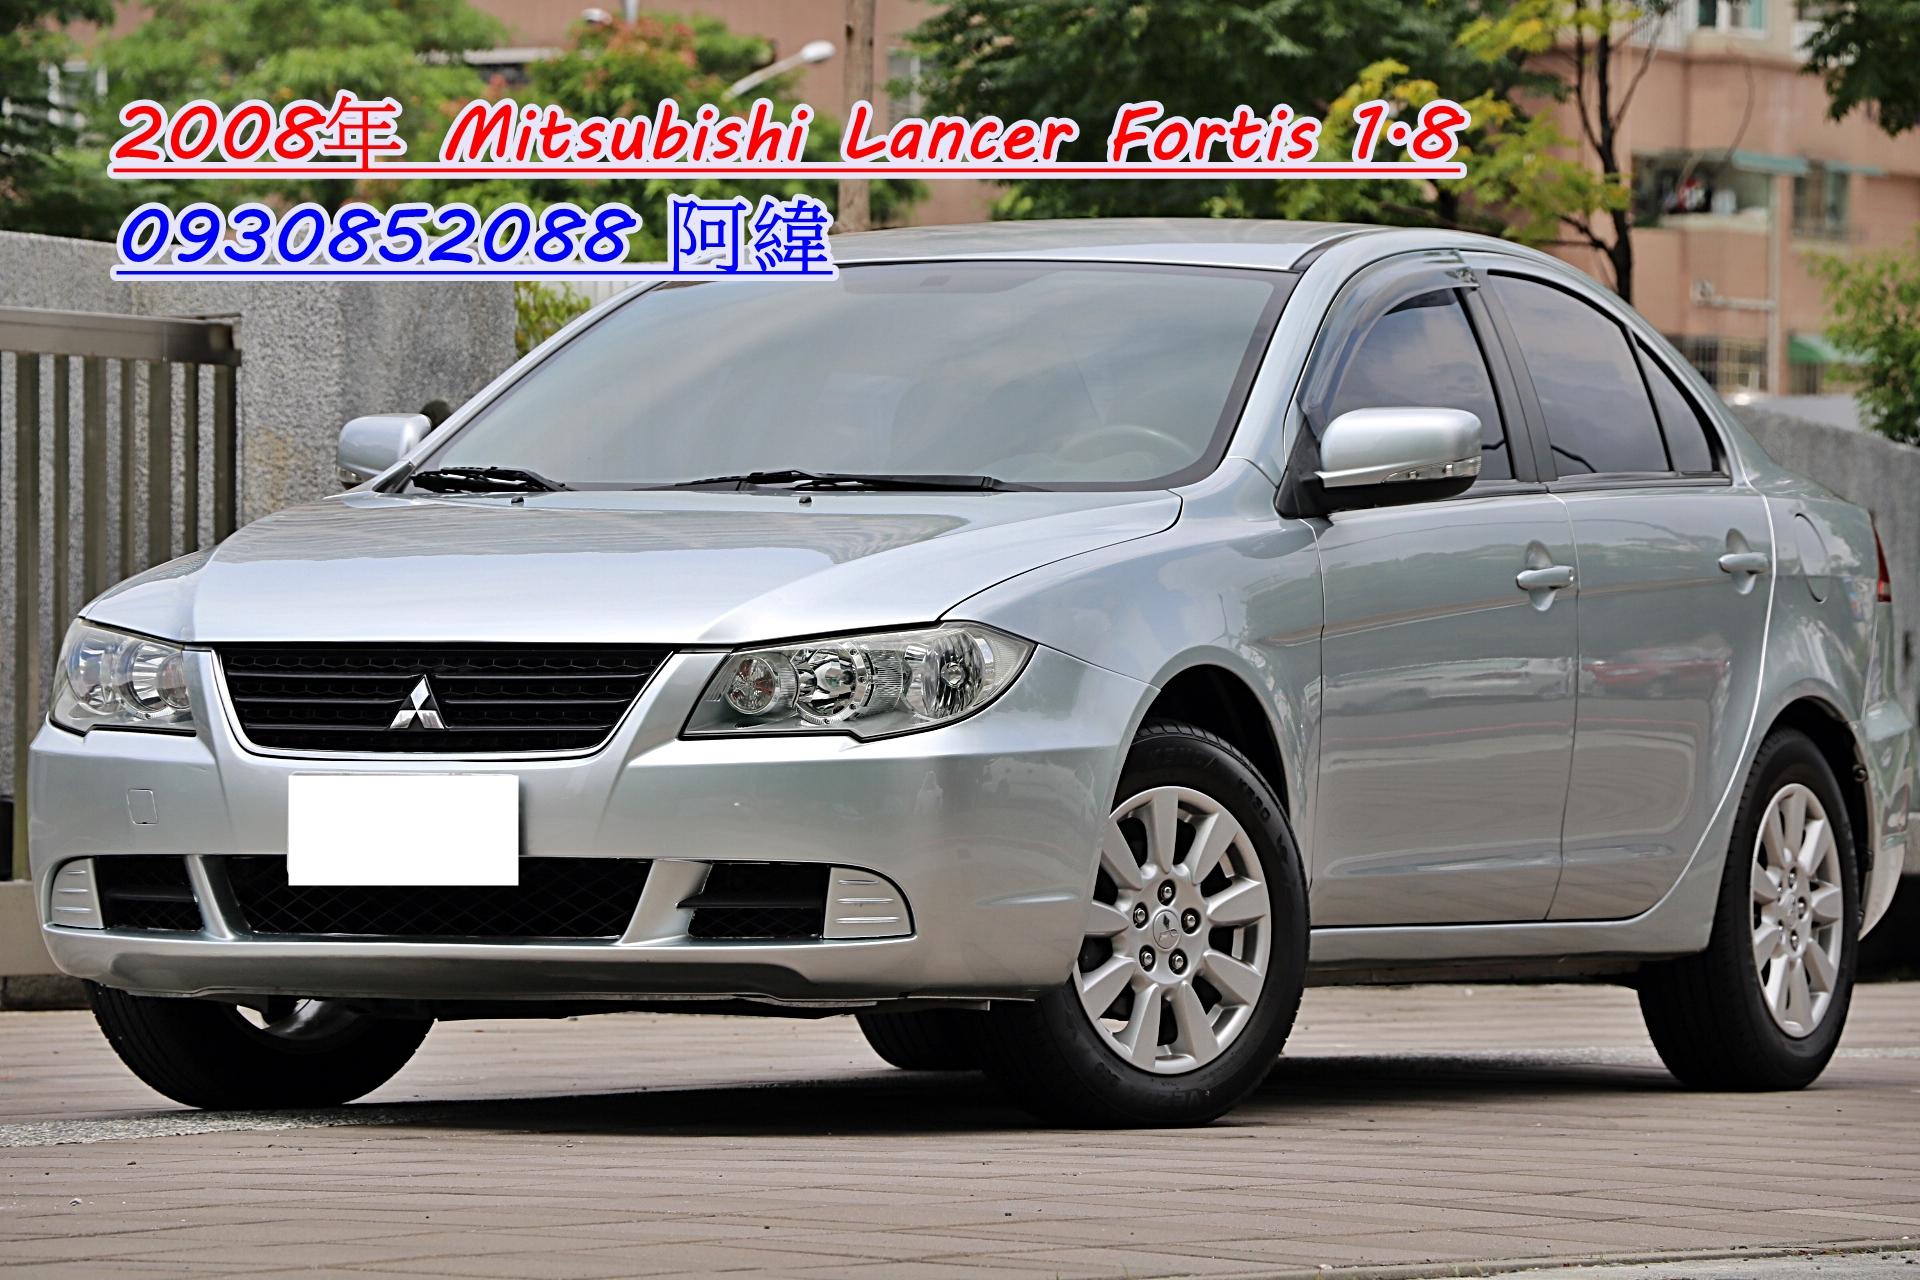 2008 Mitsubishi Lancer fortis